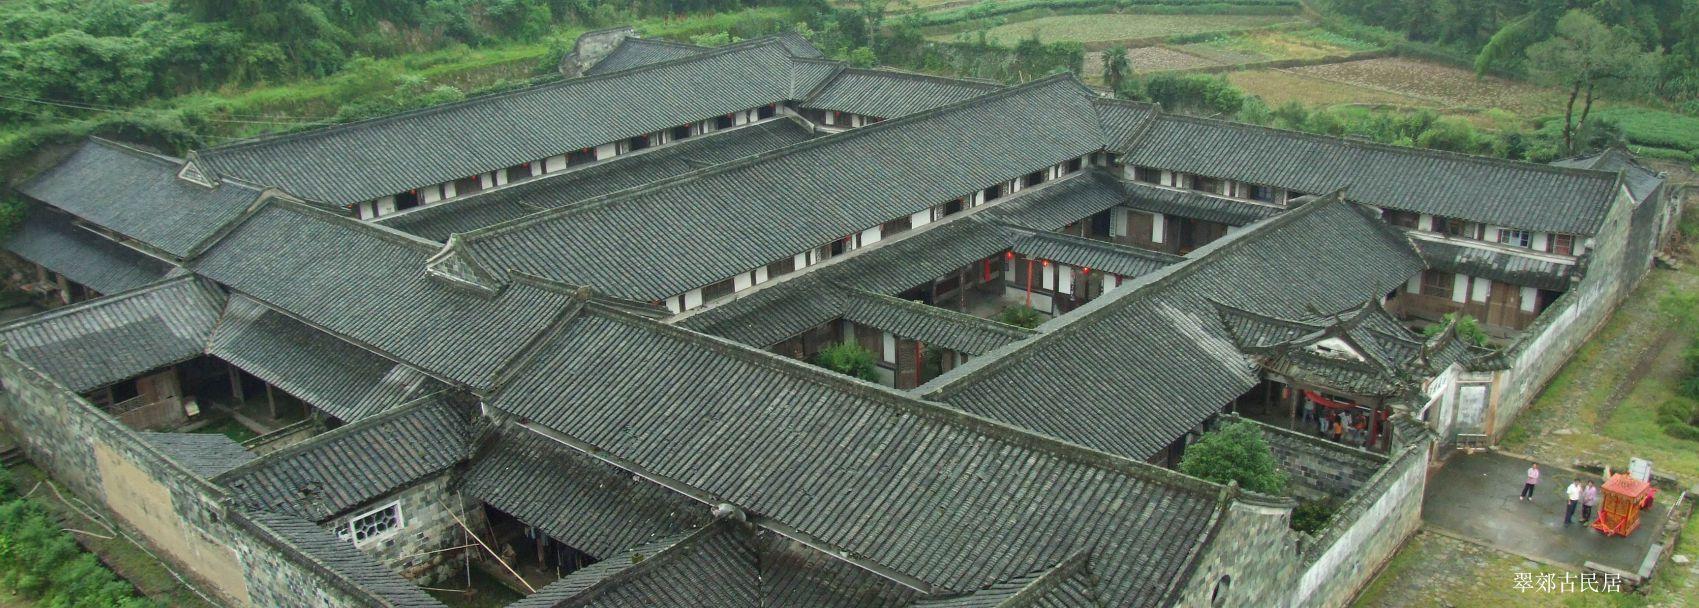 永利皇宫娱乐城